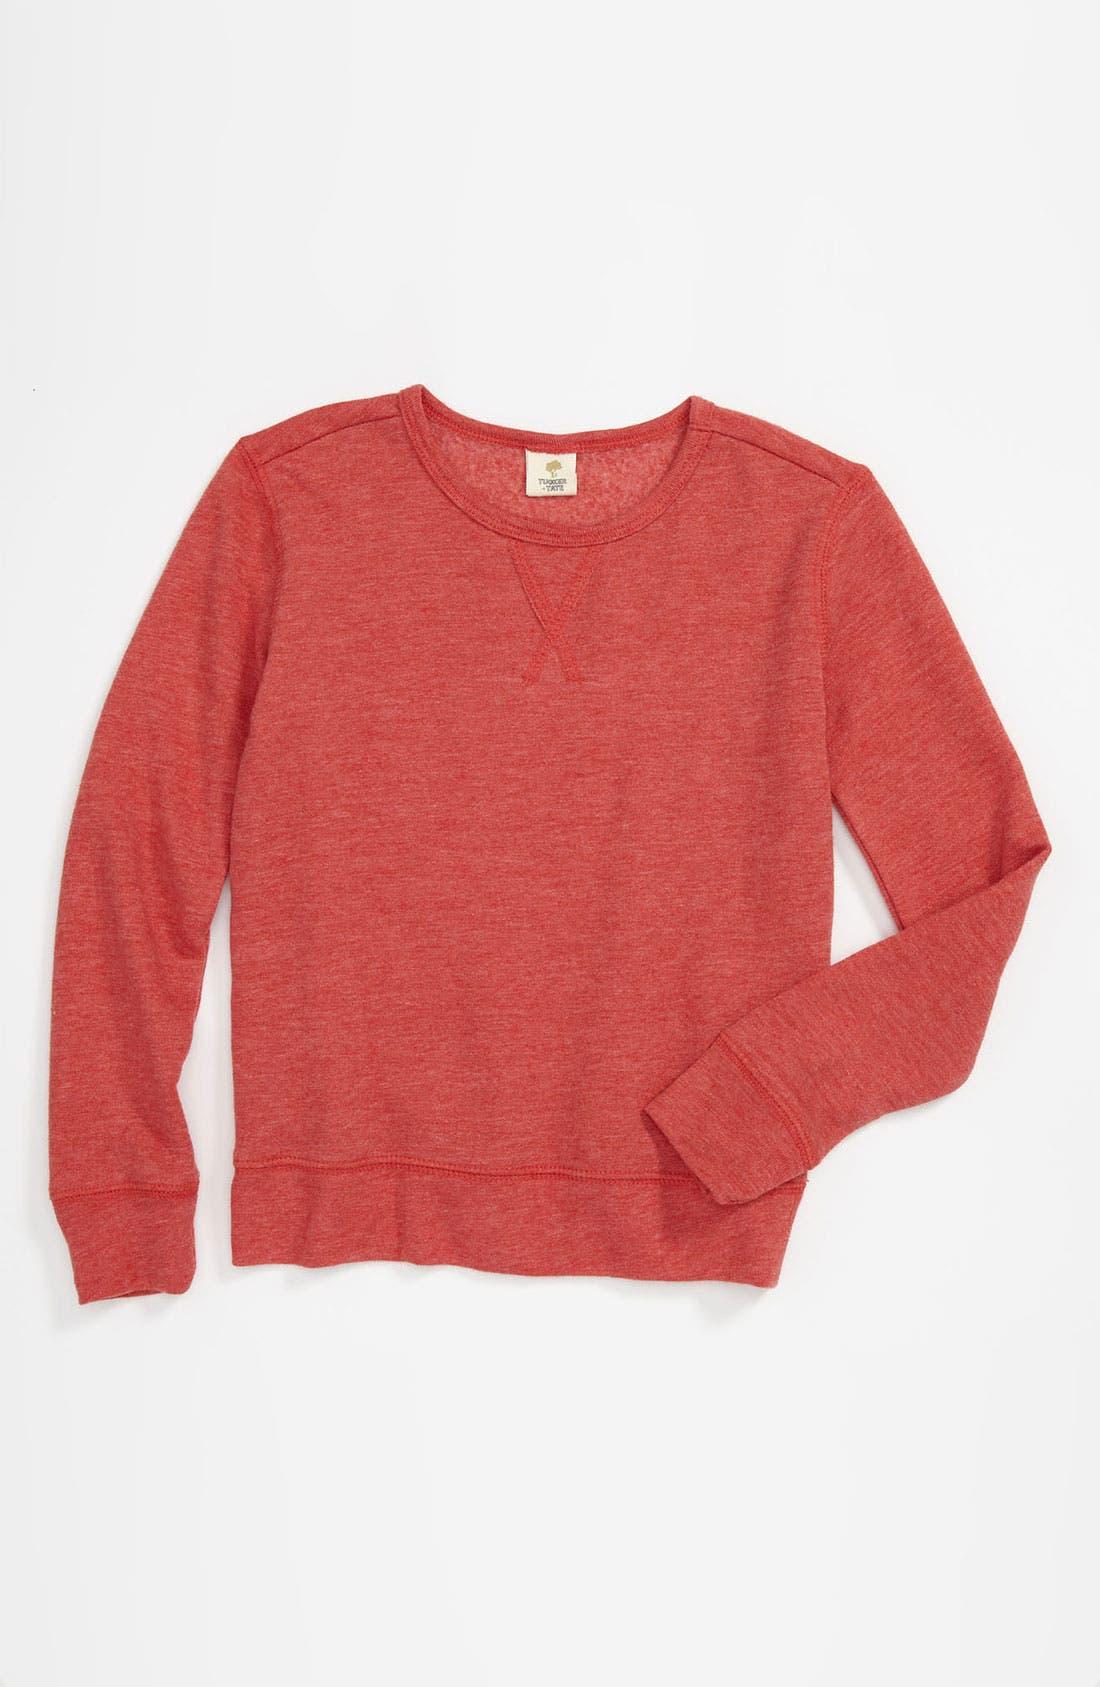 Alternate Image 1 Selected - Tucker + Tate Crewneck Sweatshirt (Little Boys)